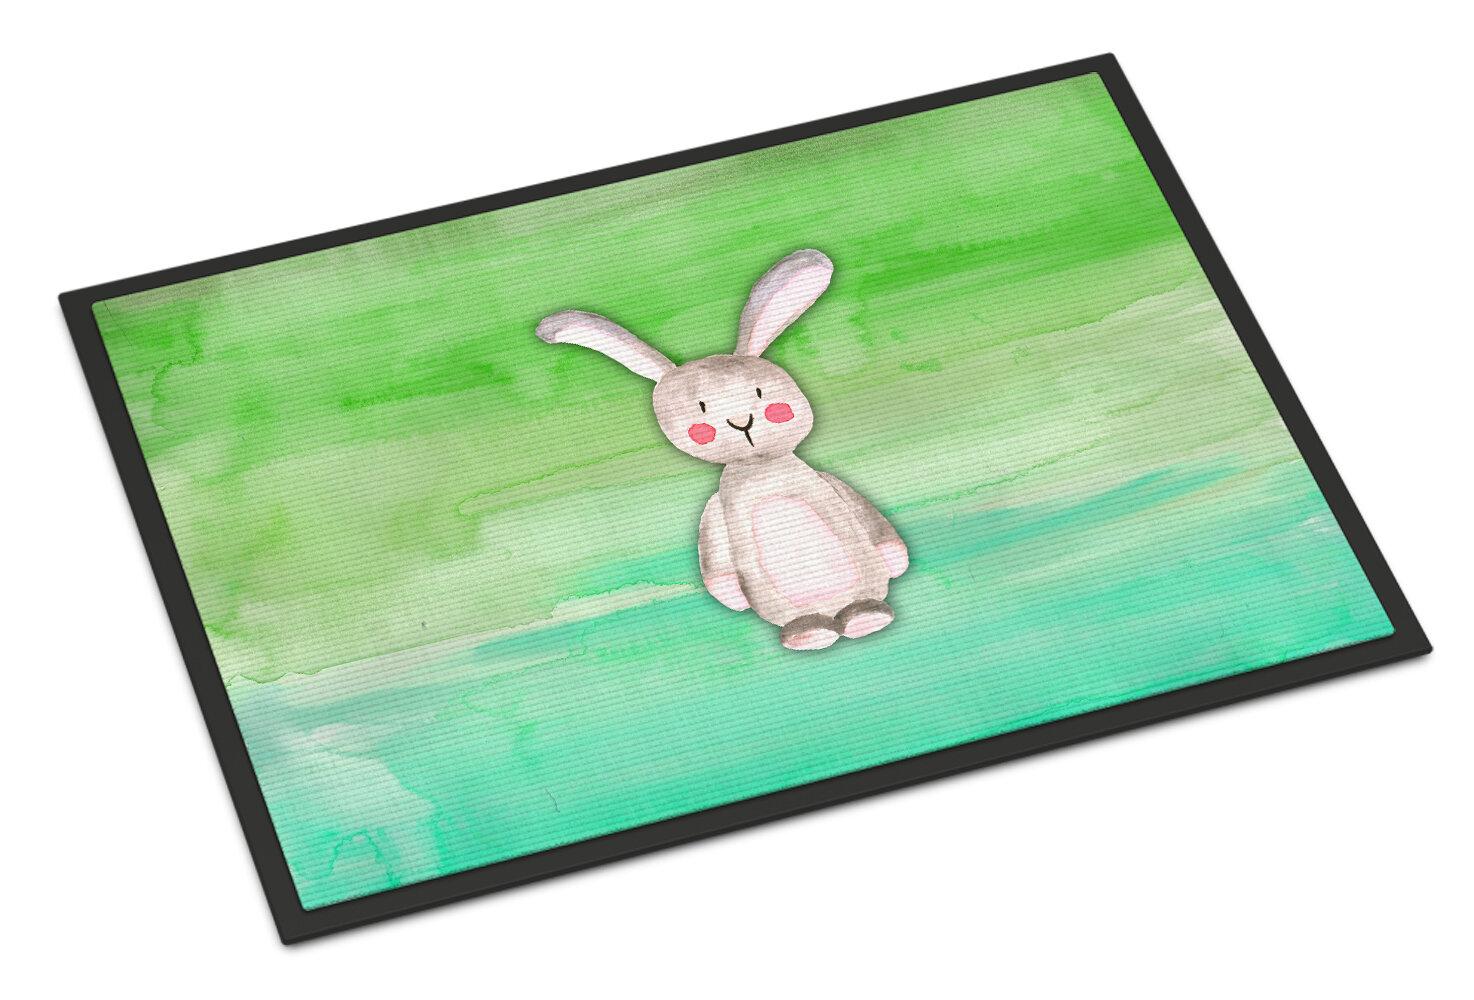 East Urban Home Bunny Rabbit Watercolor Non Slip Outdoor Door Mat Wayfair